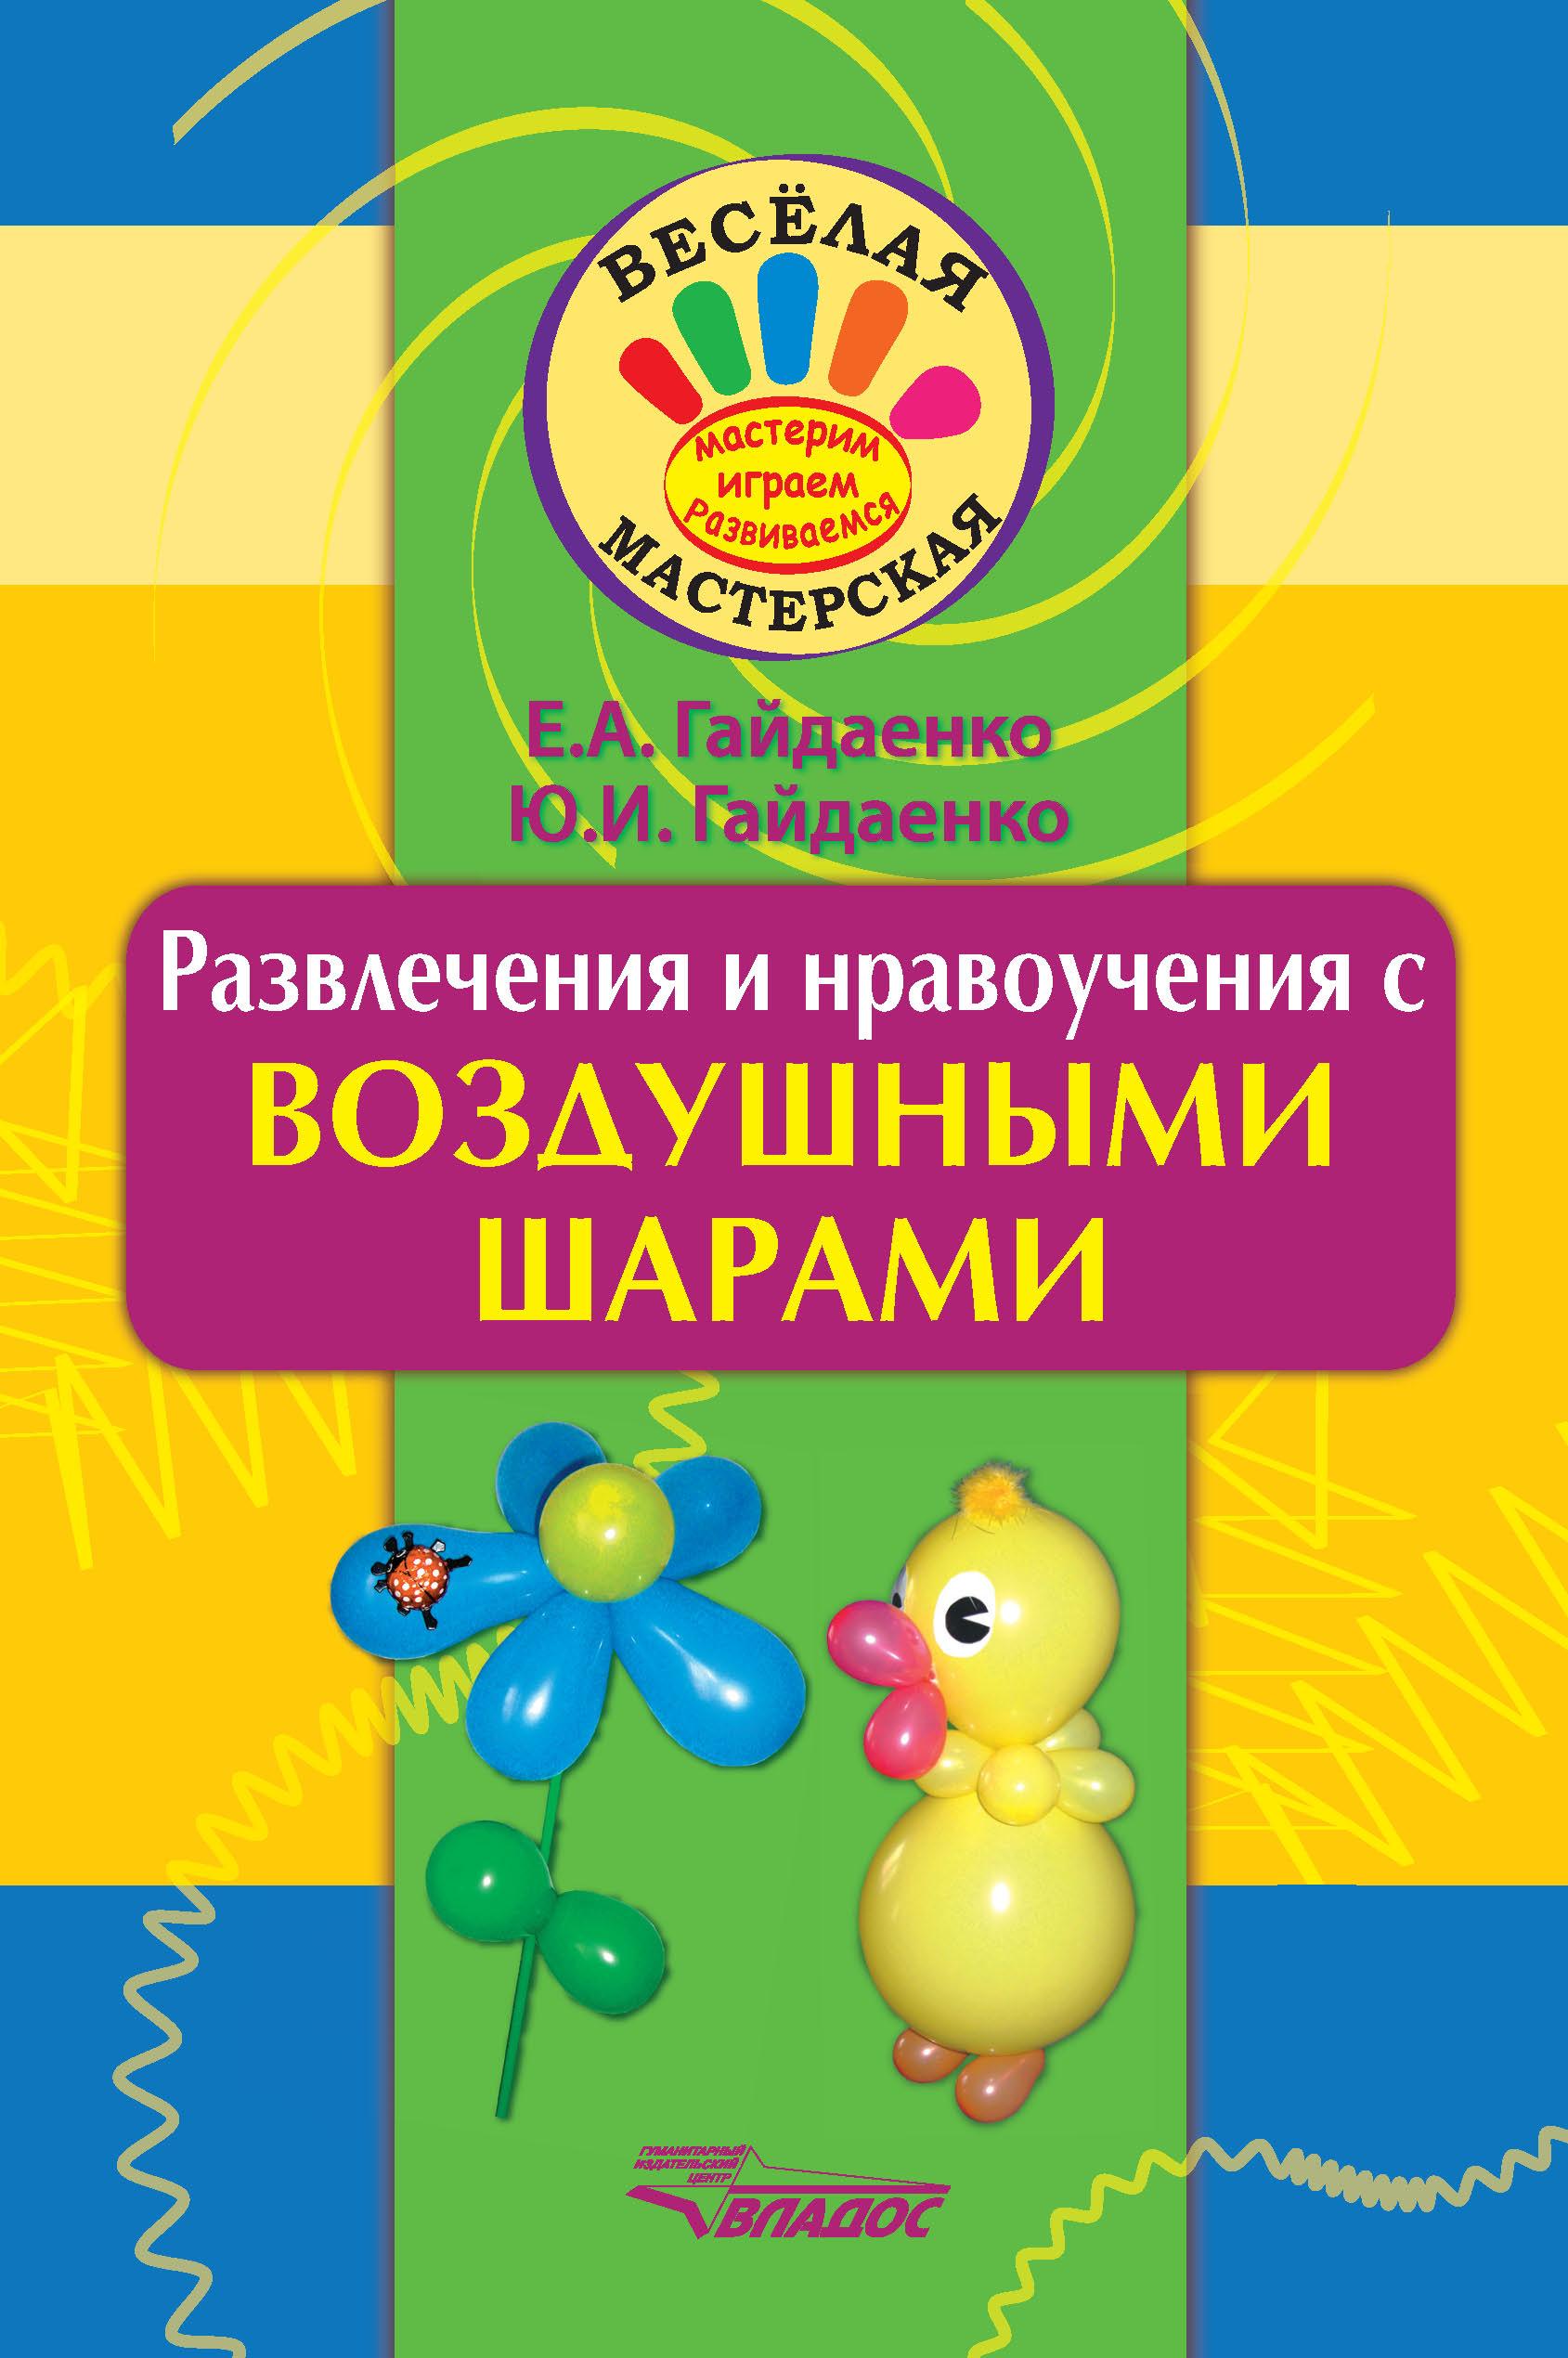 Е. А. Гайдаенко Развлечения и нравоучения с воздушными шарами